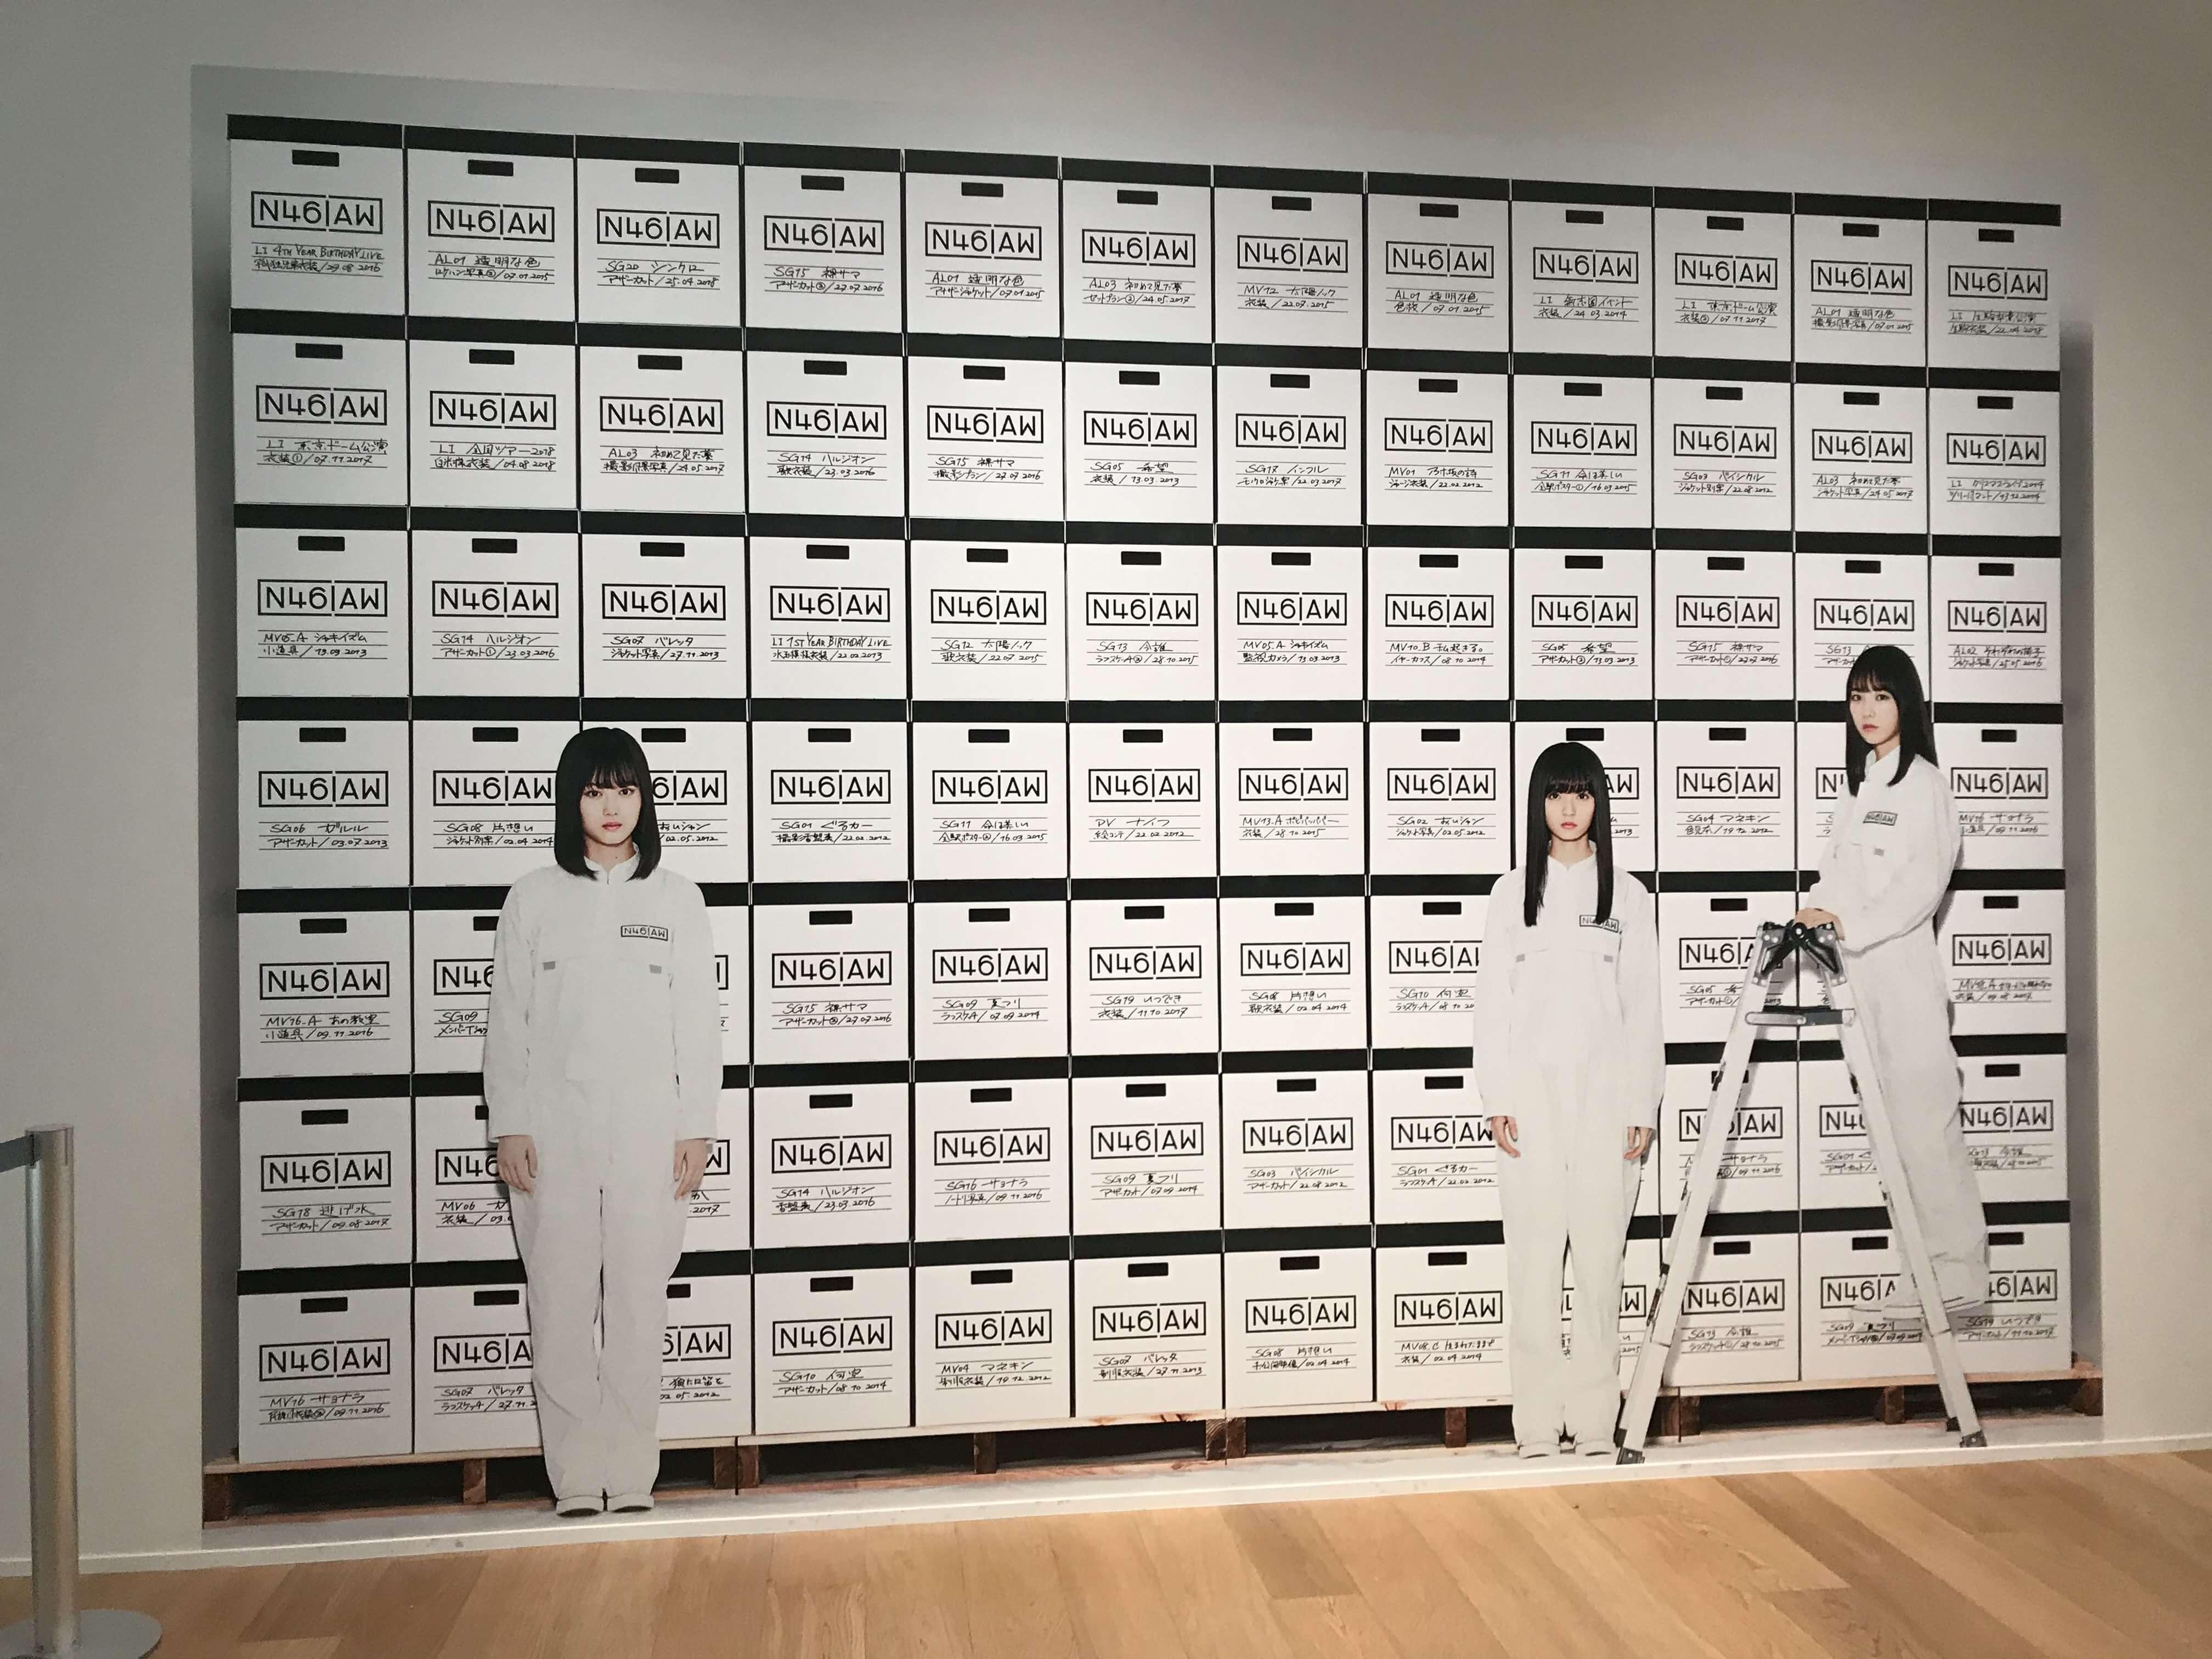 「乃木坂46 Artworks だいたいぜんぶ展」の魅力とは!展示物一覧からカフェメニューまで一通り紹介!